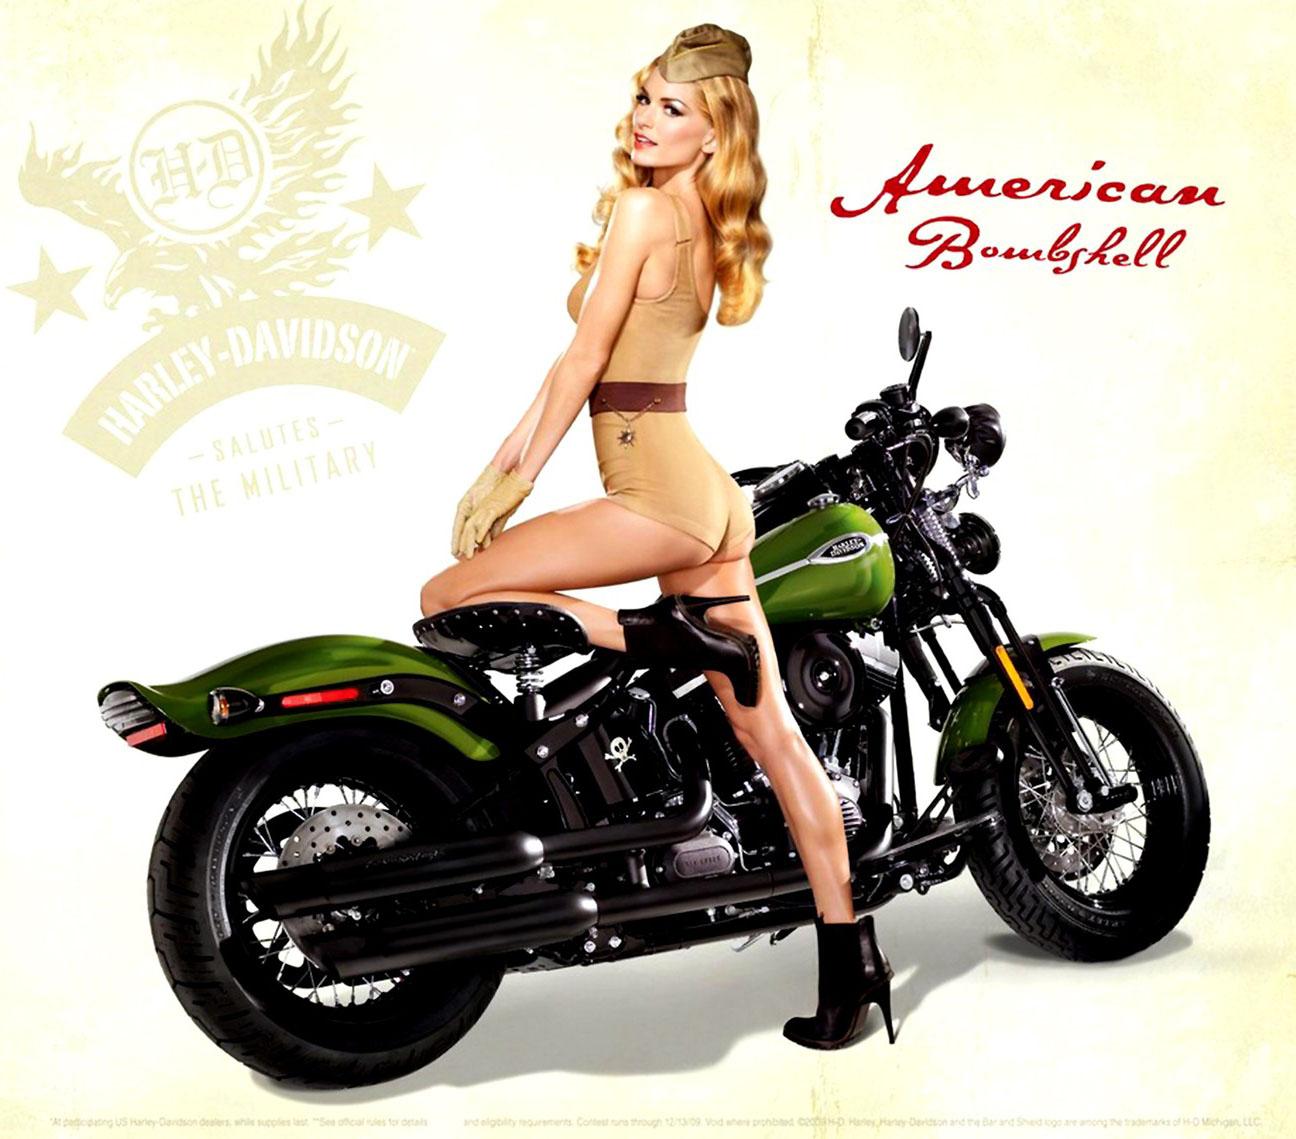 http://1.bp.blogspot.com/_l_Q6AAlKlwY/Sw2mepCLAXI/AAAAAAAAAgs/dKim5ITppZs/s1600/marisa_miller_harley-1.jpg